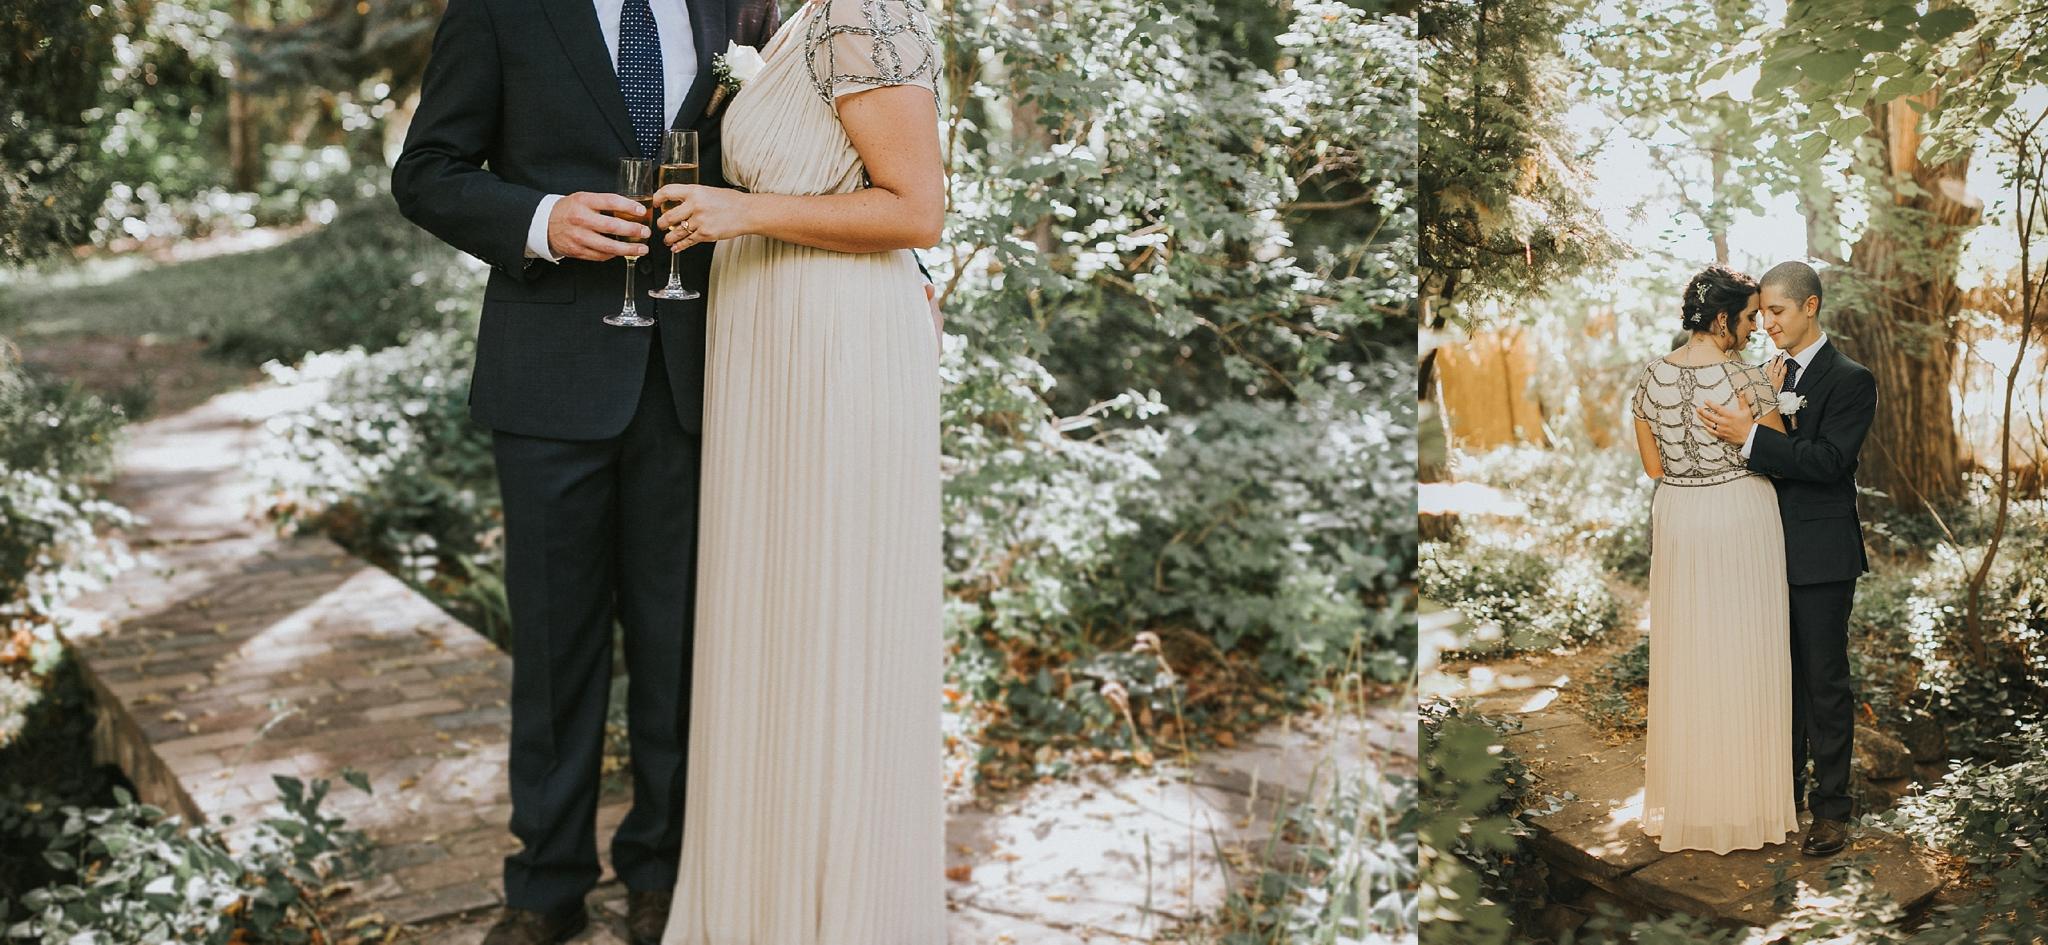 Alicia+lucia+photography+-+albuquerque+wedding+photographer+-+santa+fe+wedding+photography+-+new+mexico+wedding+photographer+-+albuquerque+wedding+-+santa+fe+wedding+-+wedding+gowns+-+non+traditional+wedding+gowns_0043.jpg